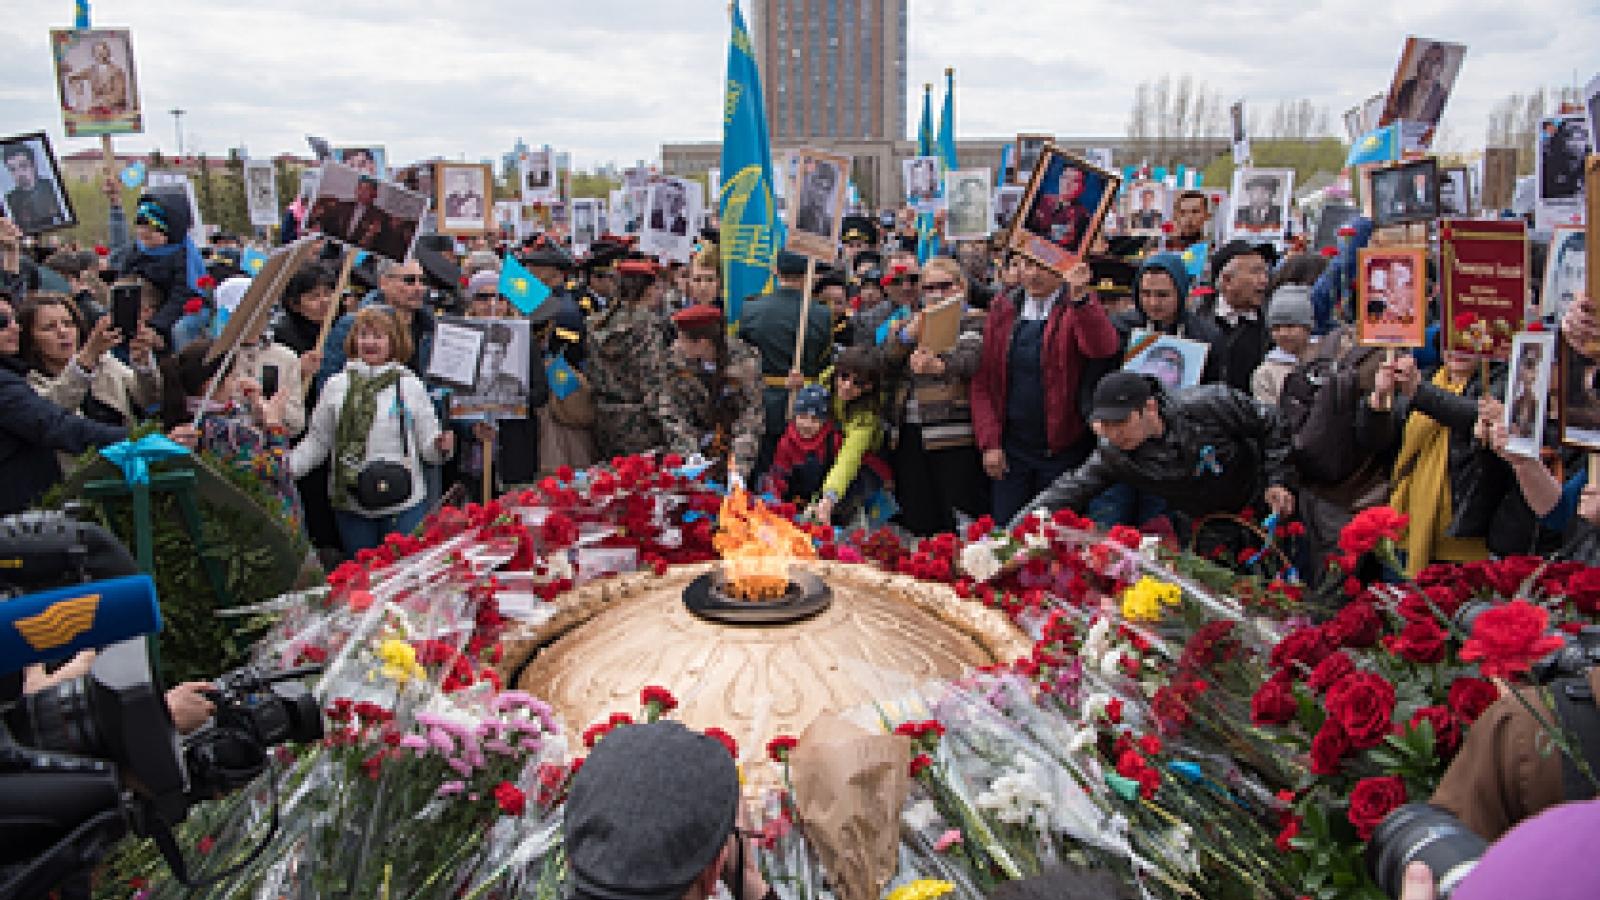 Lo ngại Covid-19, Kazakhstan hủy các sự kiện kỷ niệm Ngày Chiến thắng phát xít